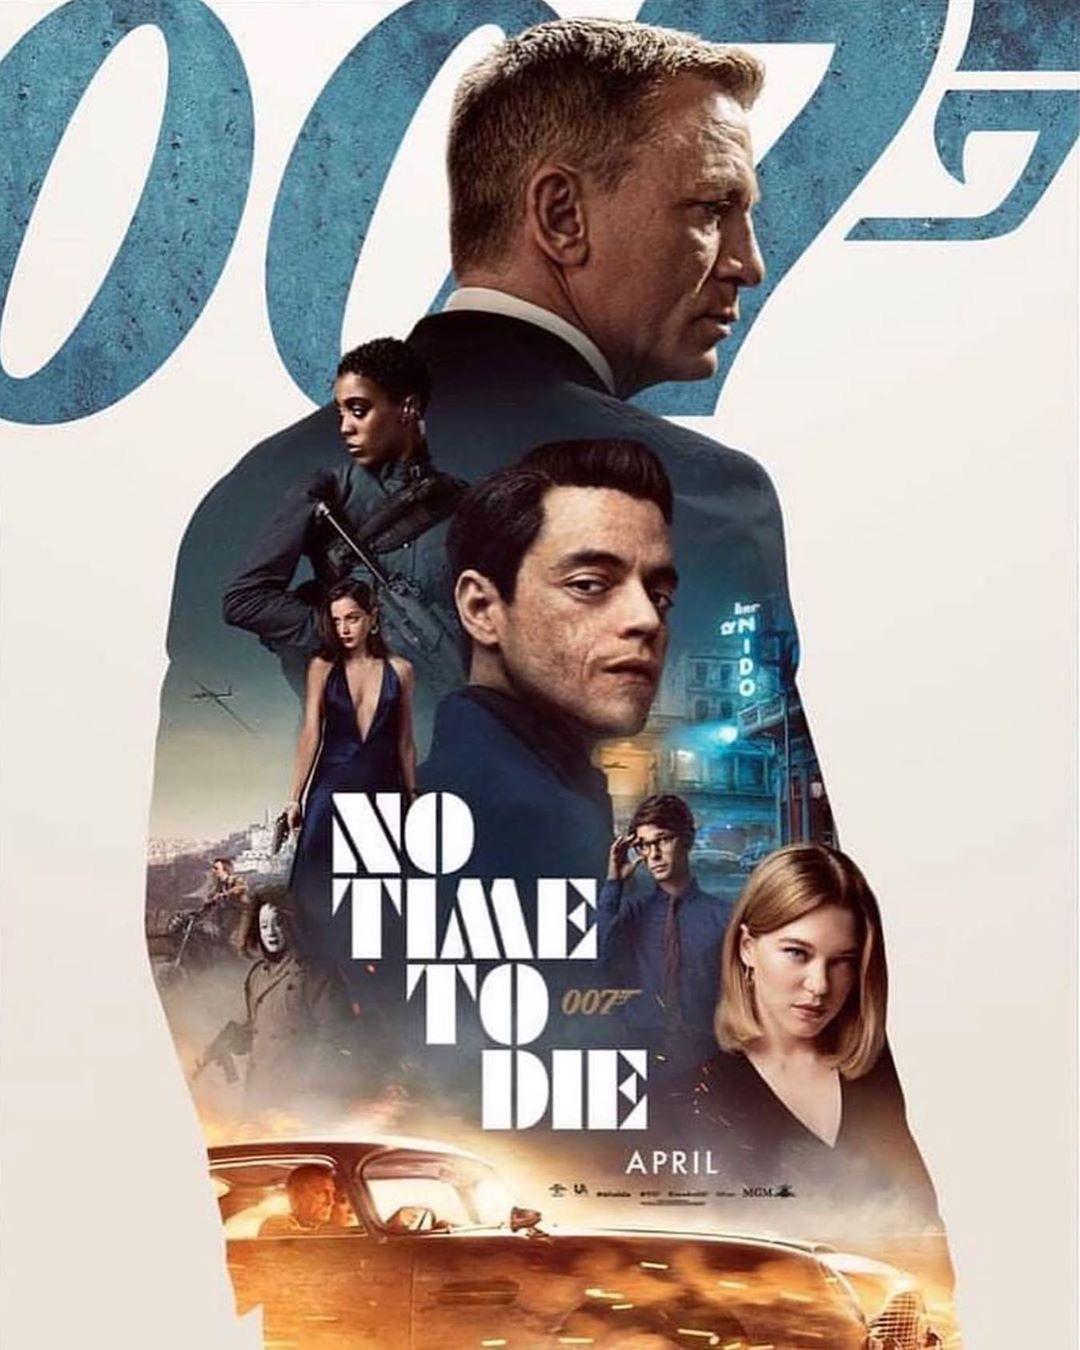 ดูหนังออนไลน์HD NO TIME TO DIE (2021) เจมส์ บอนด์ 007 ภาค 26 พยัคฆ์ร้ายฝ่าเวลามรณะ หนังเต็มเรื่อง หนังมาสเตอร์ ดูหนังHD ดูหนังออนไลน์ ดูหนังใหม่